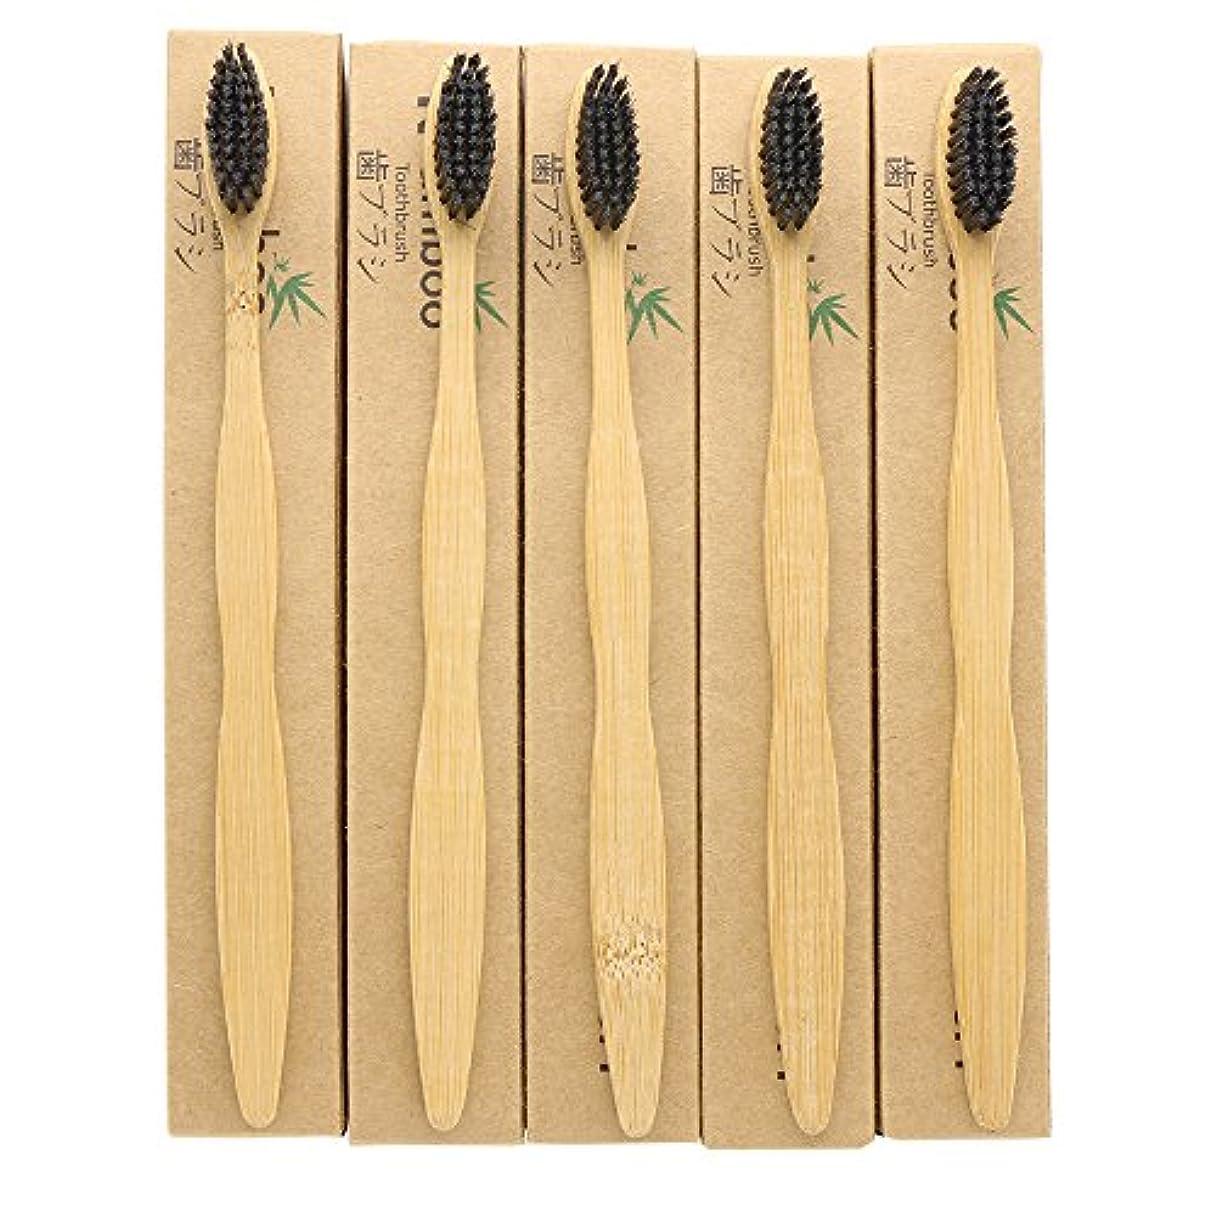 動物枢機卿出血N-amboo 歯ブラシ 5本入り 竹製 耐久性 黒